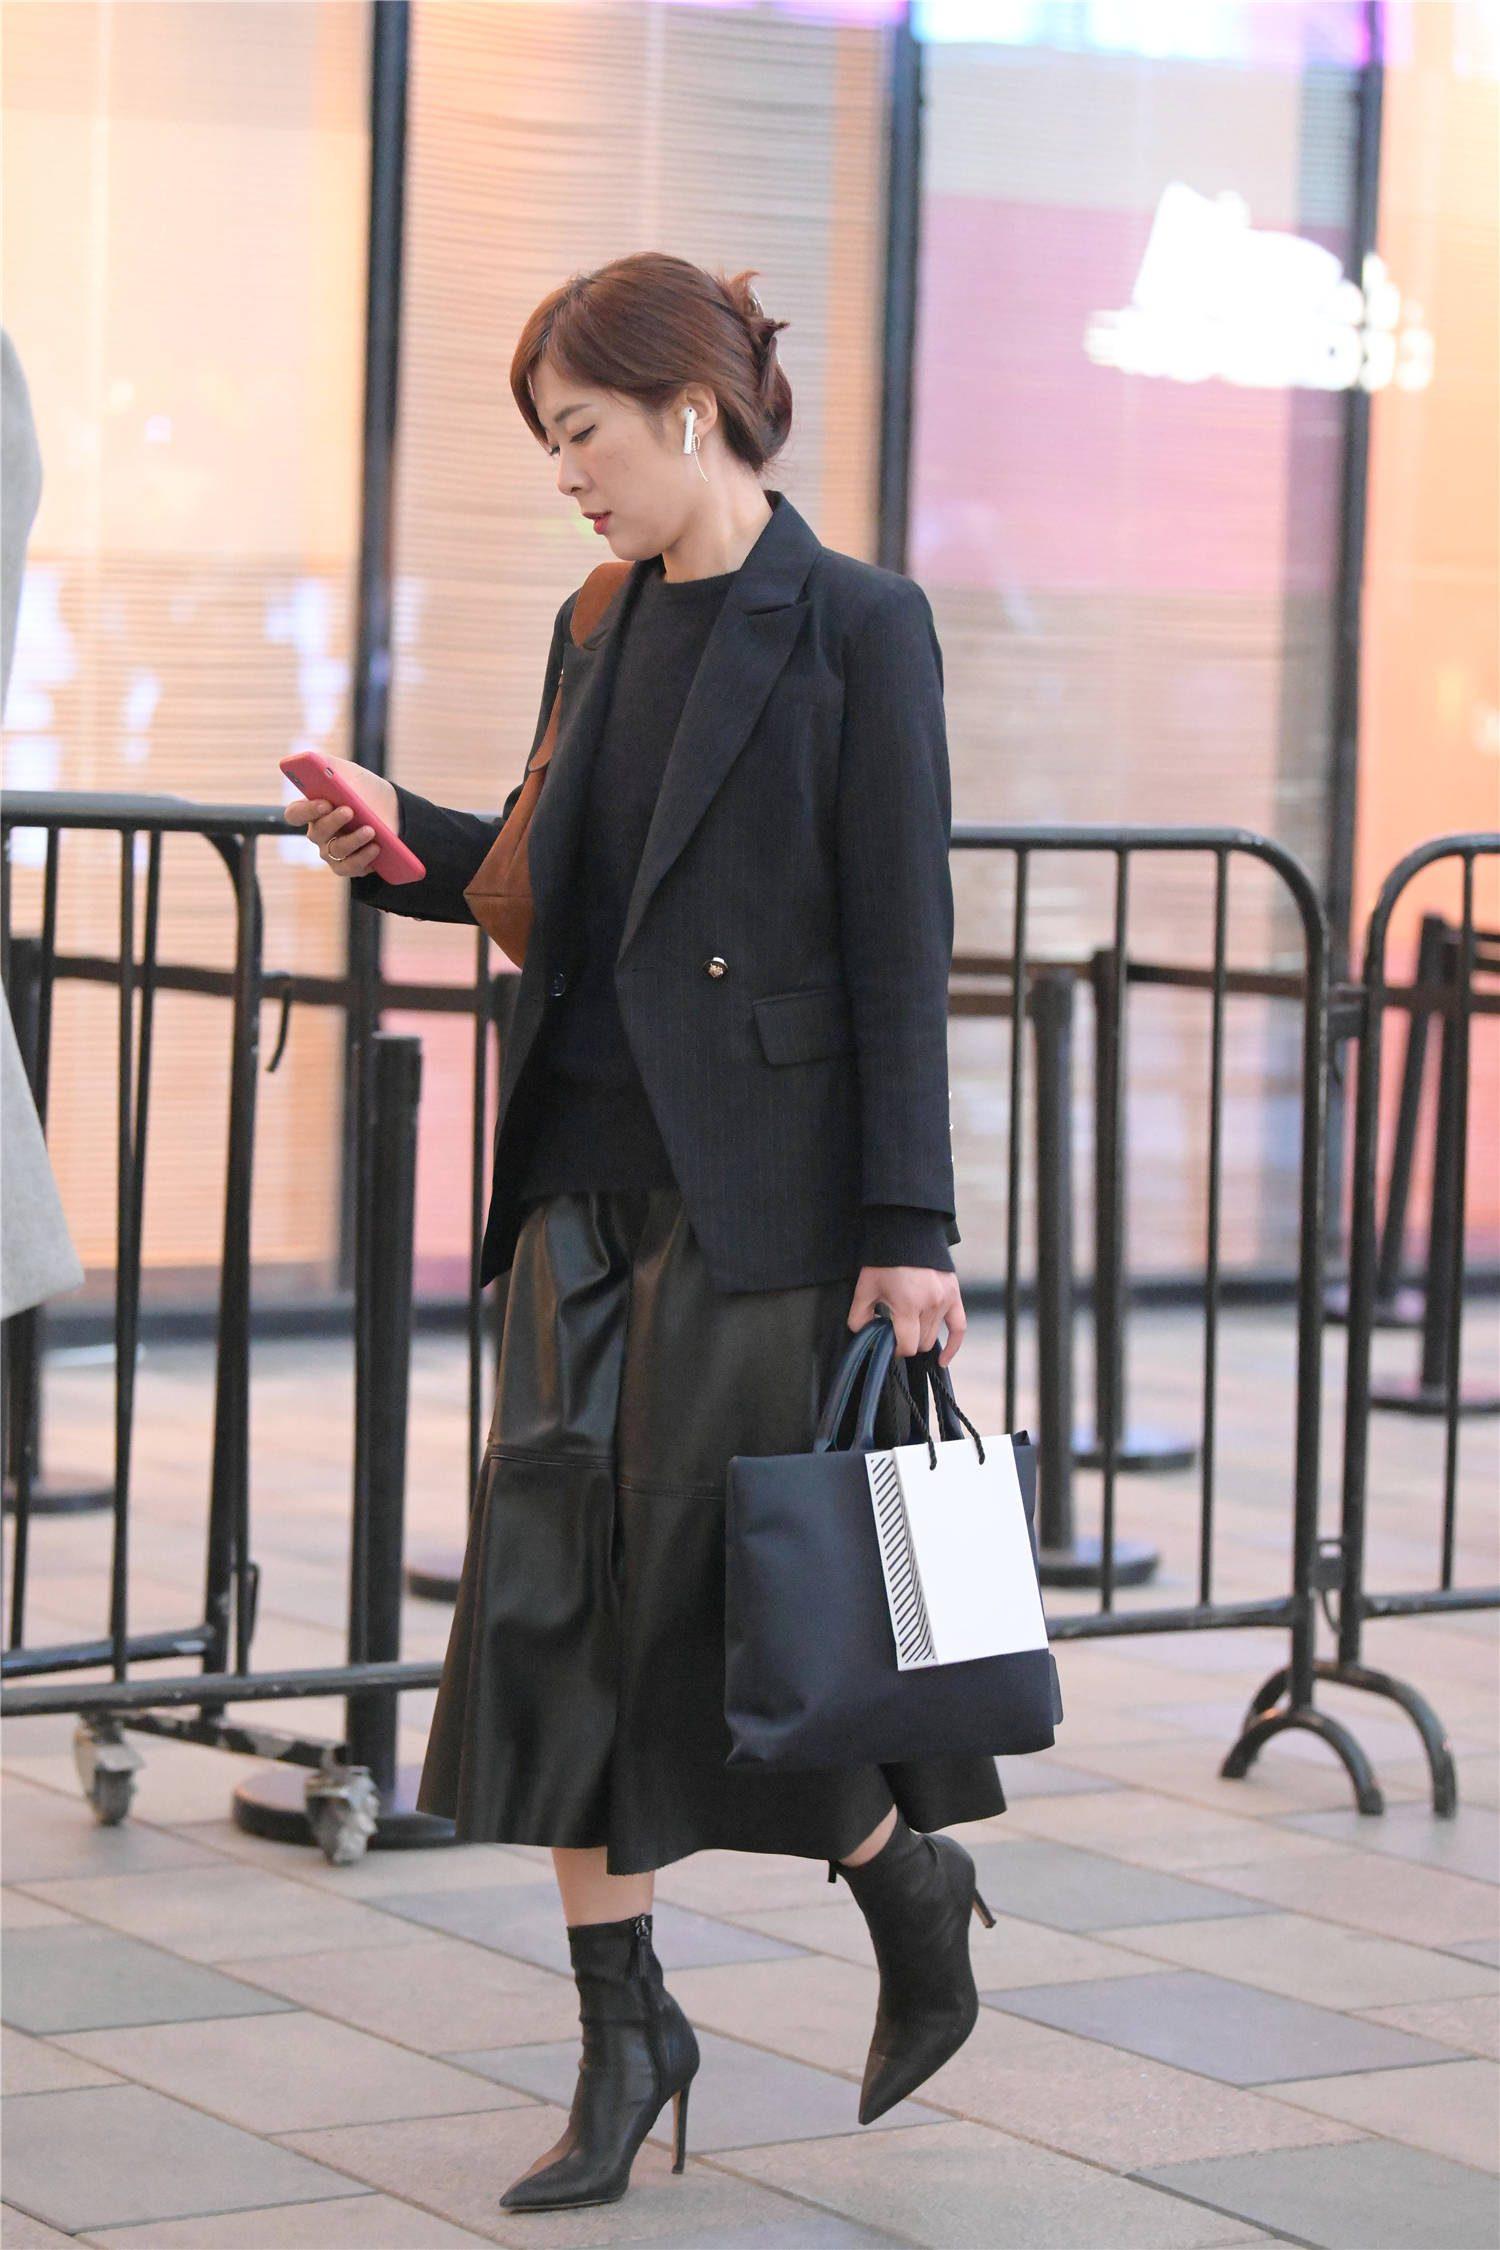 时尚姑娘初冬穿着短靴,更喜欢尖头细跟款式,增高显瘦衬托气质